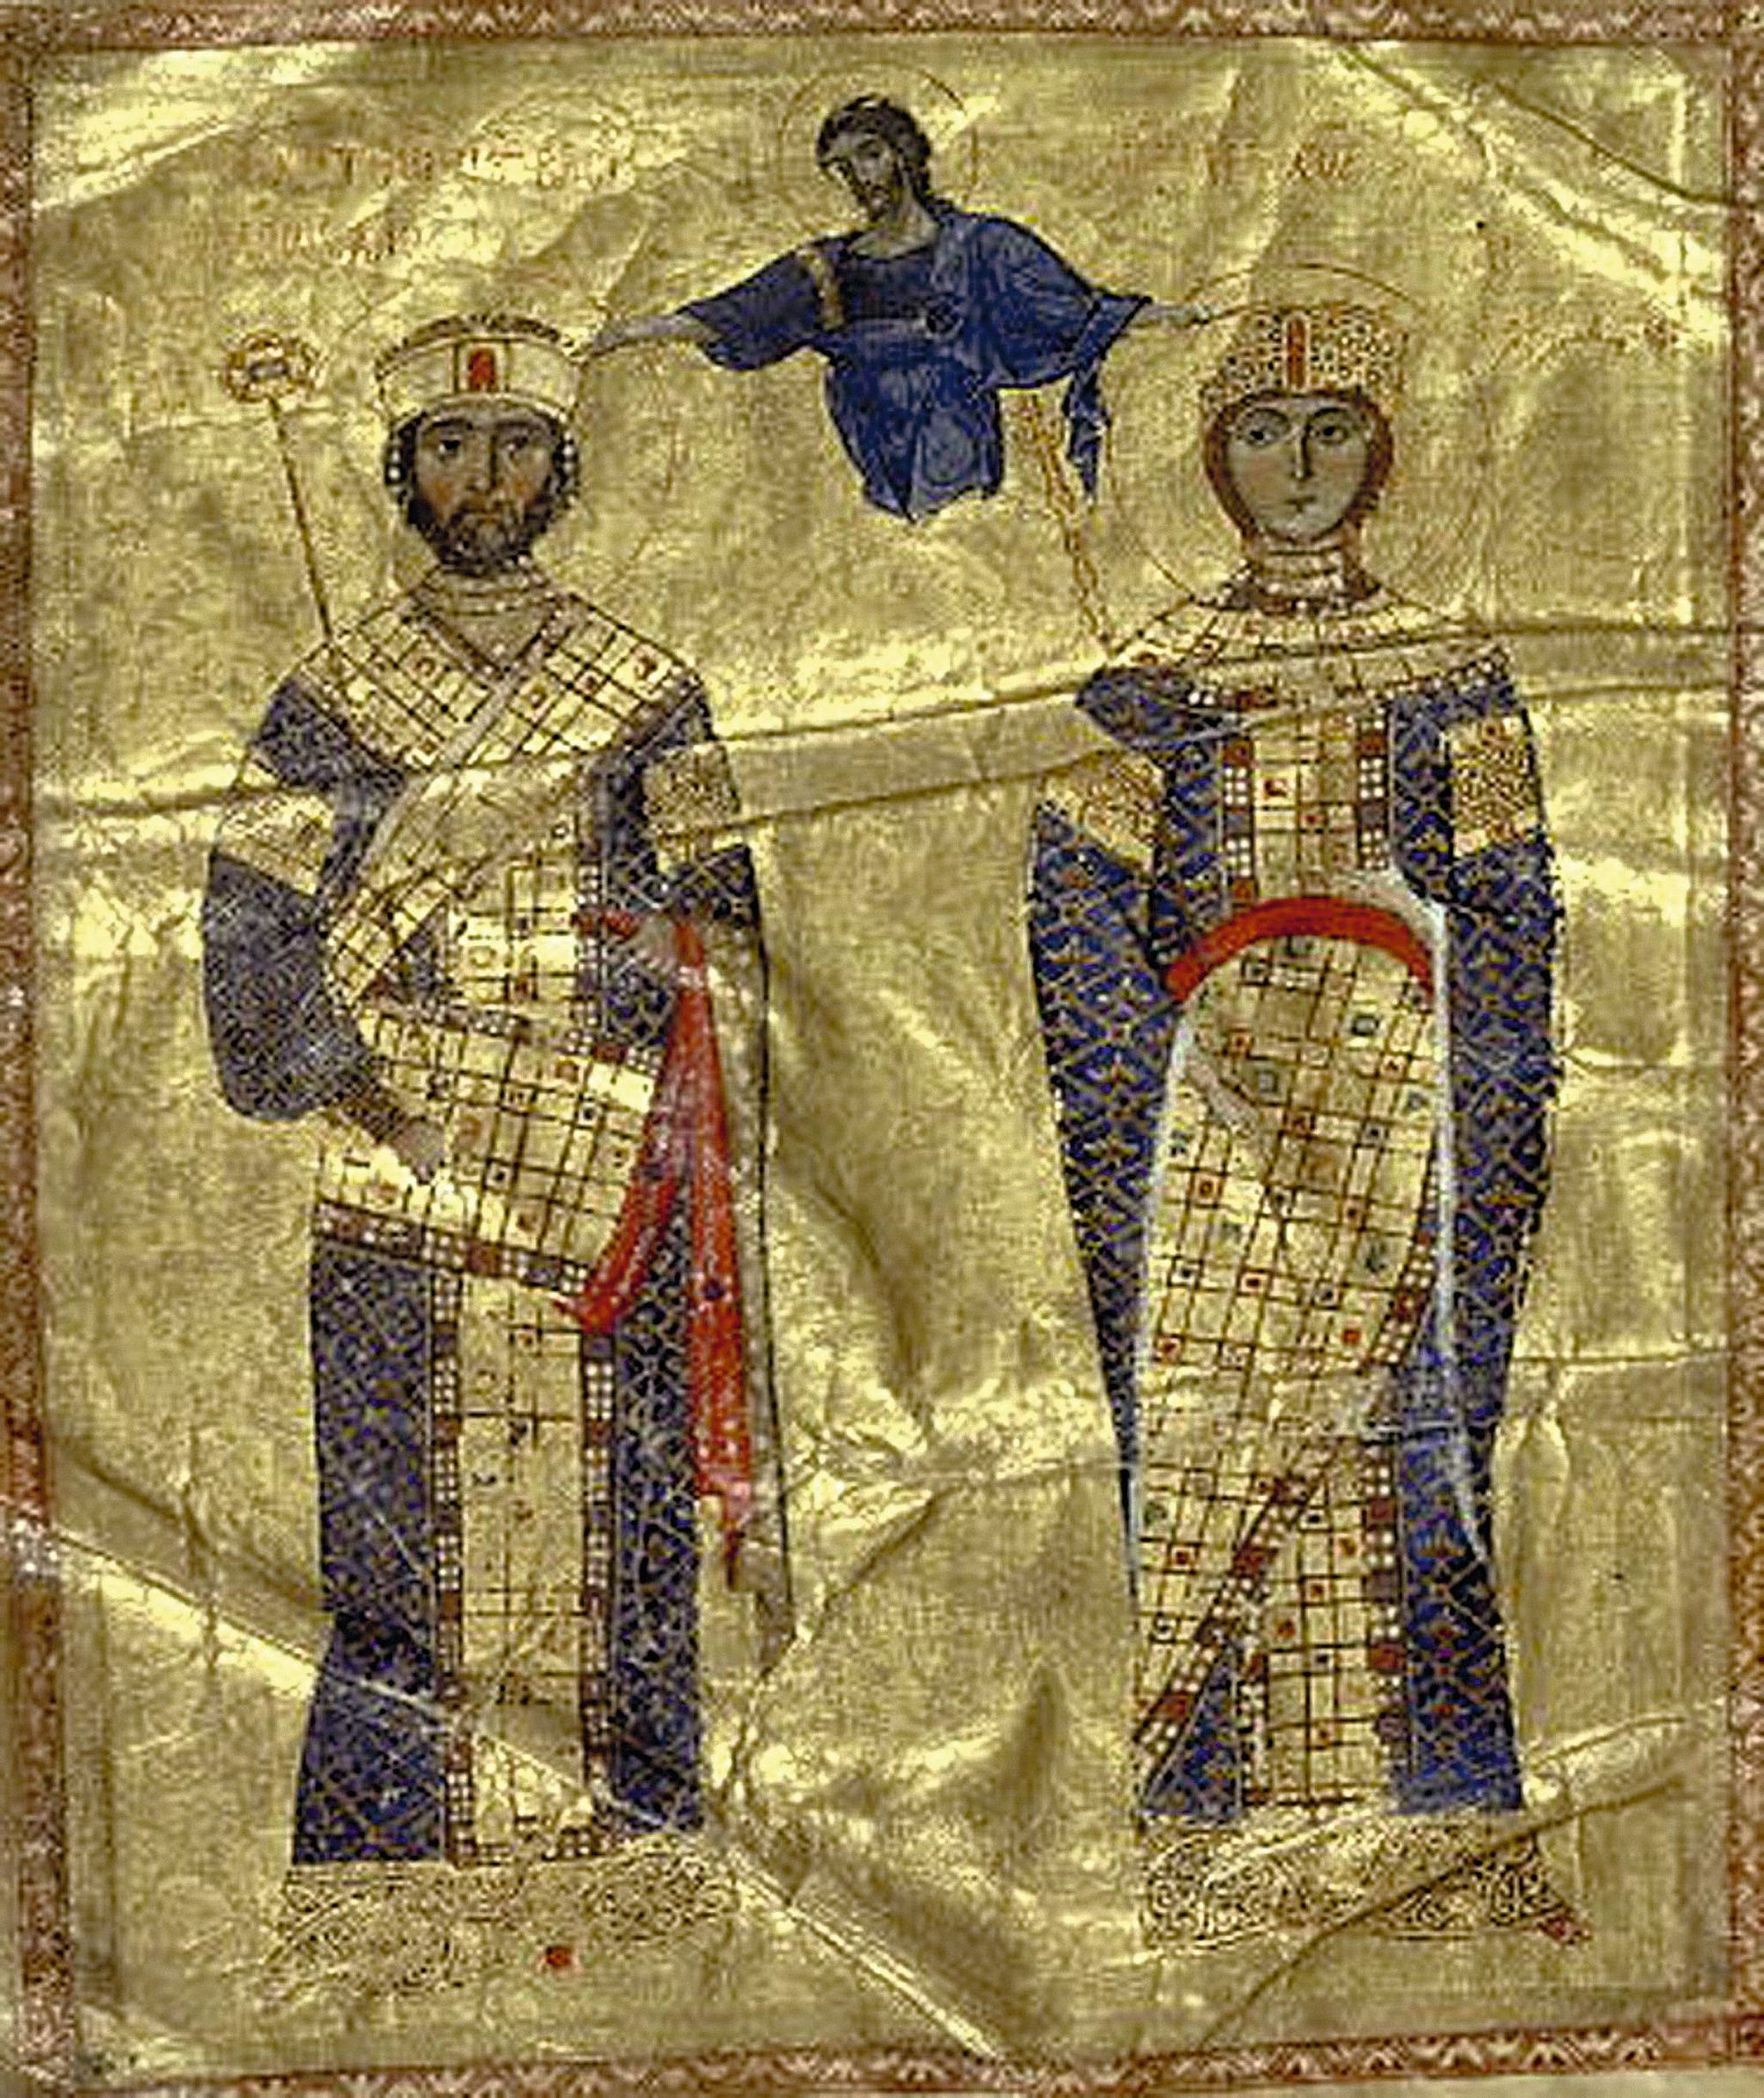 Dieu couronne l'empereur Nicéphore III et Marie d'Alanie, enluminure d'un manuscrit des Homélies de Jean Chrysostome, 1079, BnF, Paris